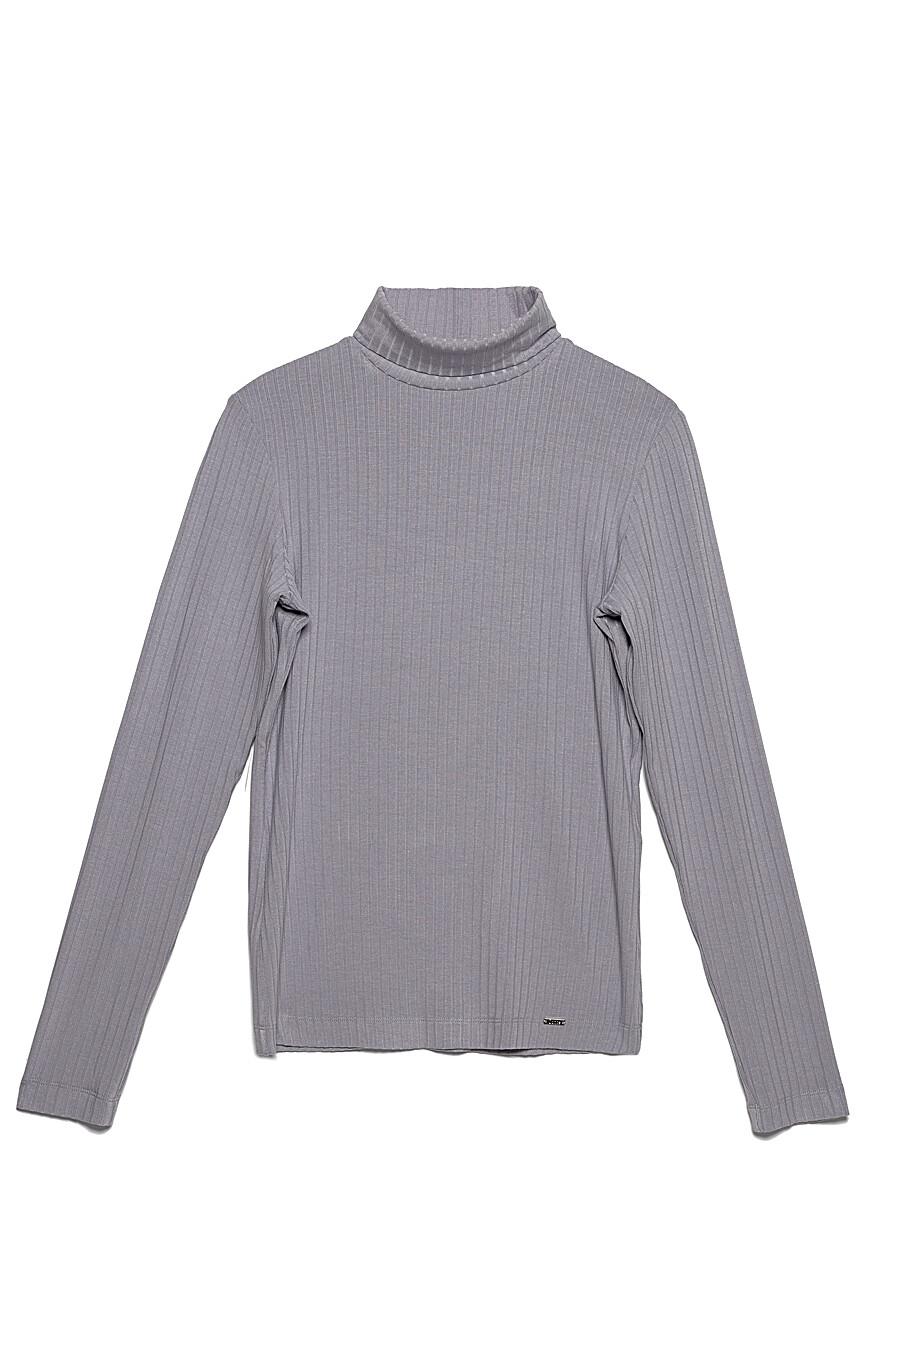 Водолазка для женщин CONTE ELEGANT 148636 купить оптом от производителя. Совместная покупка женской одежды в OptMoyo